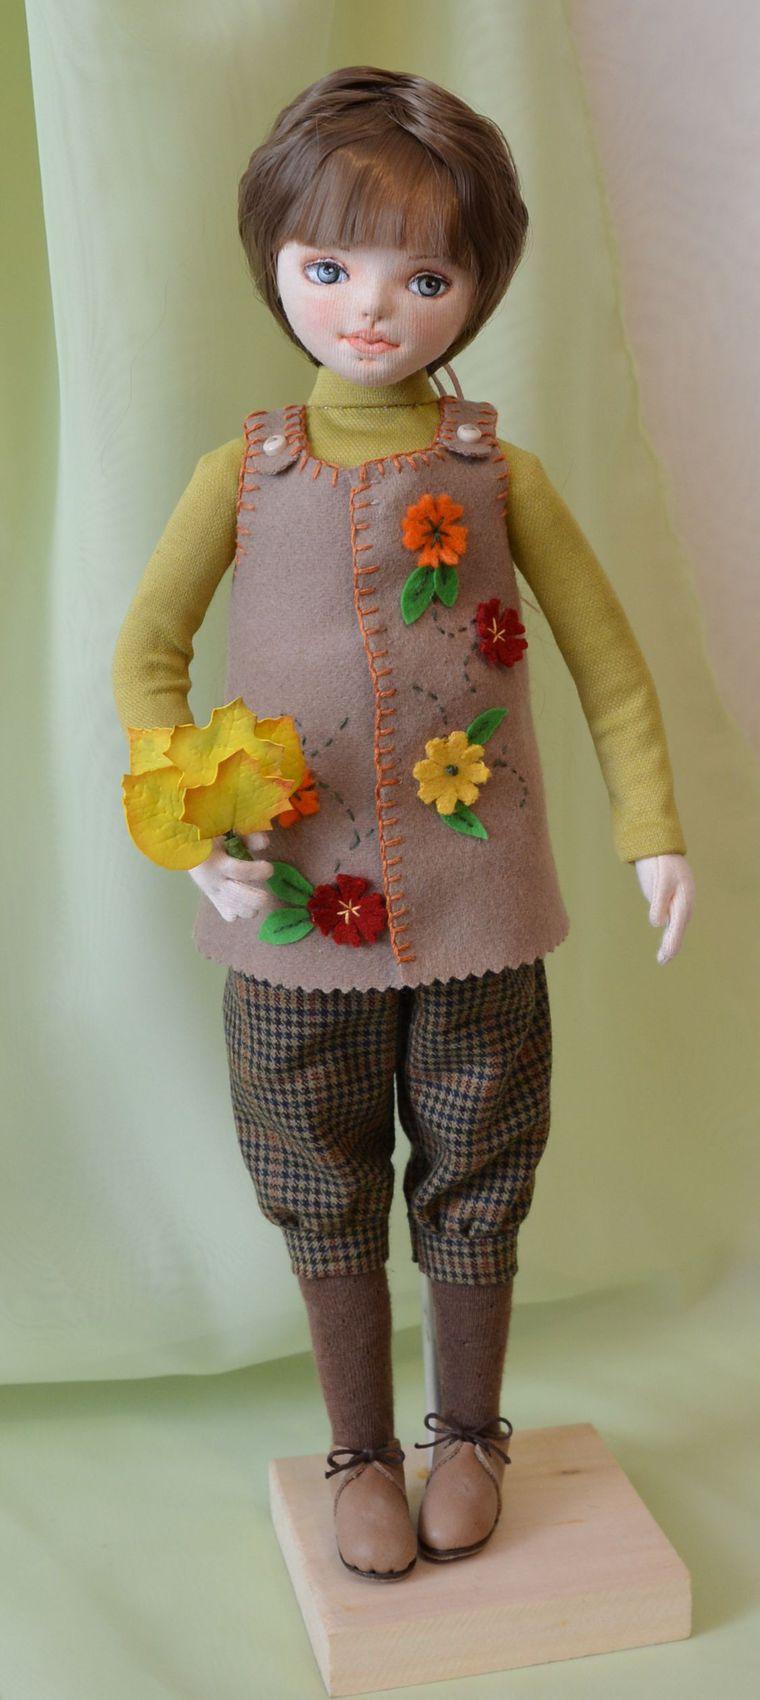 купить недорого, трикотажка, кукла в подарок, осенние листья